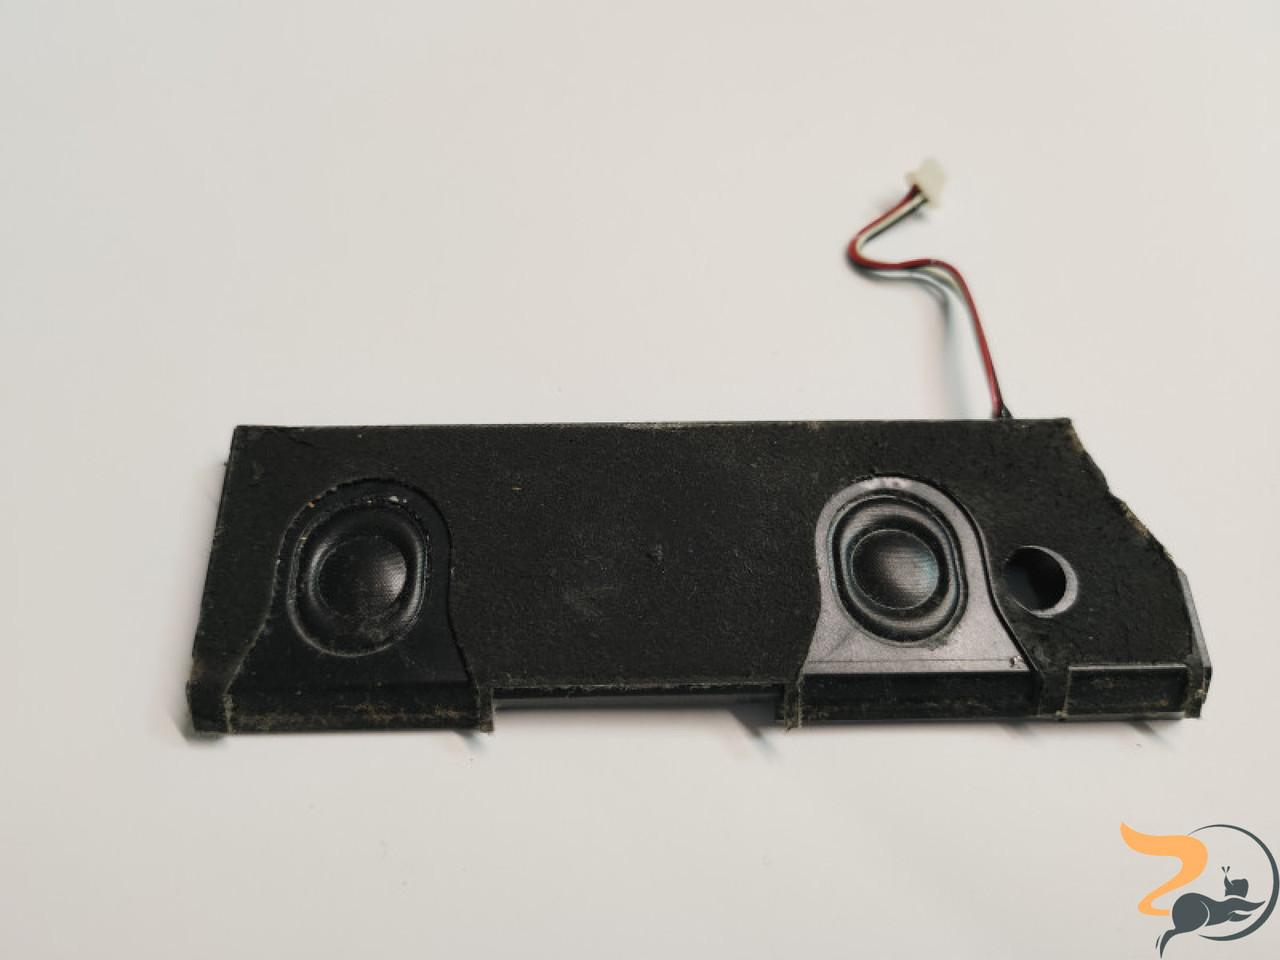 Динаміки для ноутбука, Asus U36J, Б/В. В хорошому стані без пошкоджень.